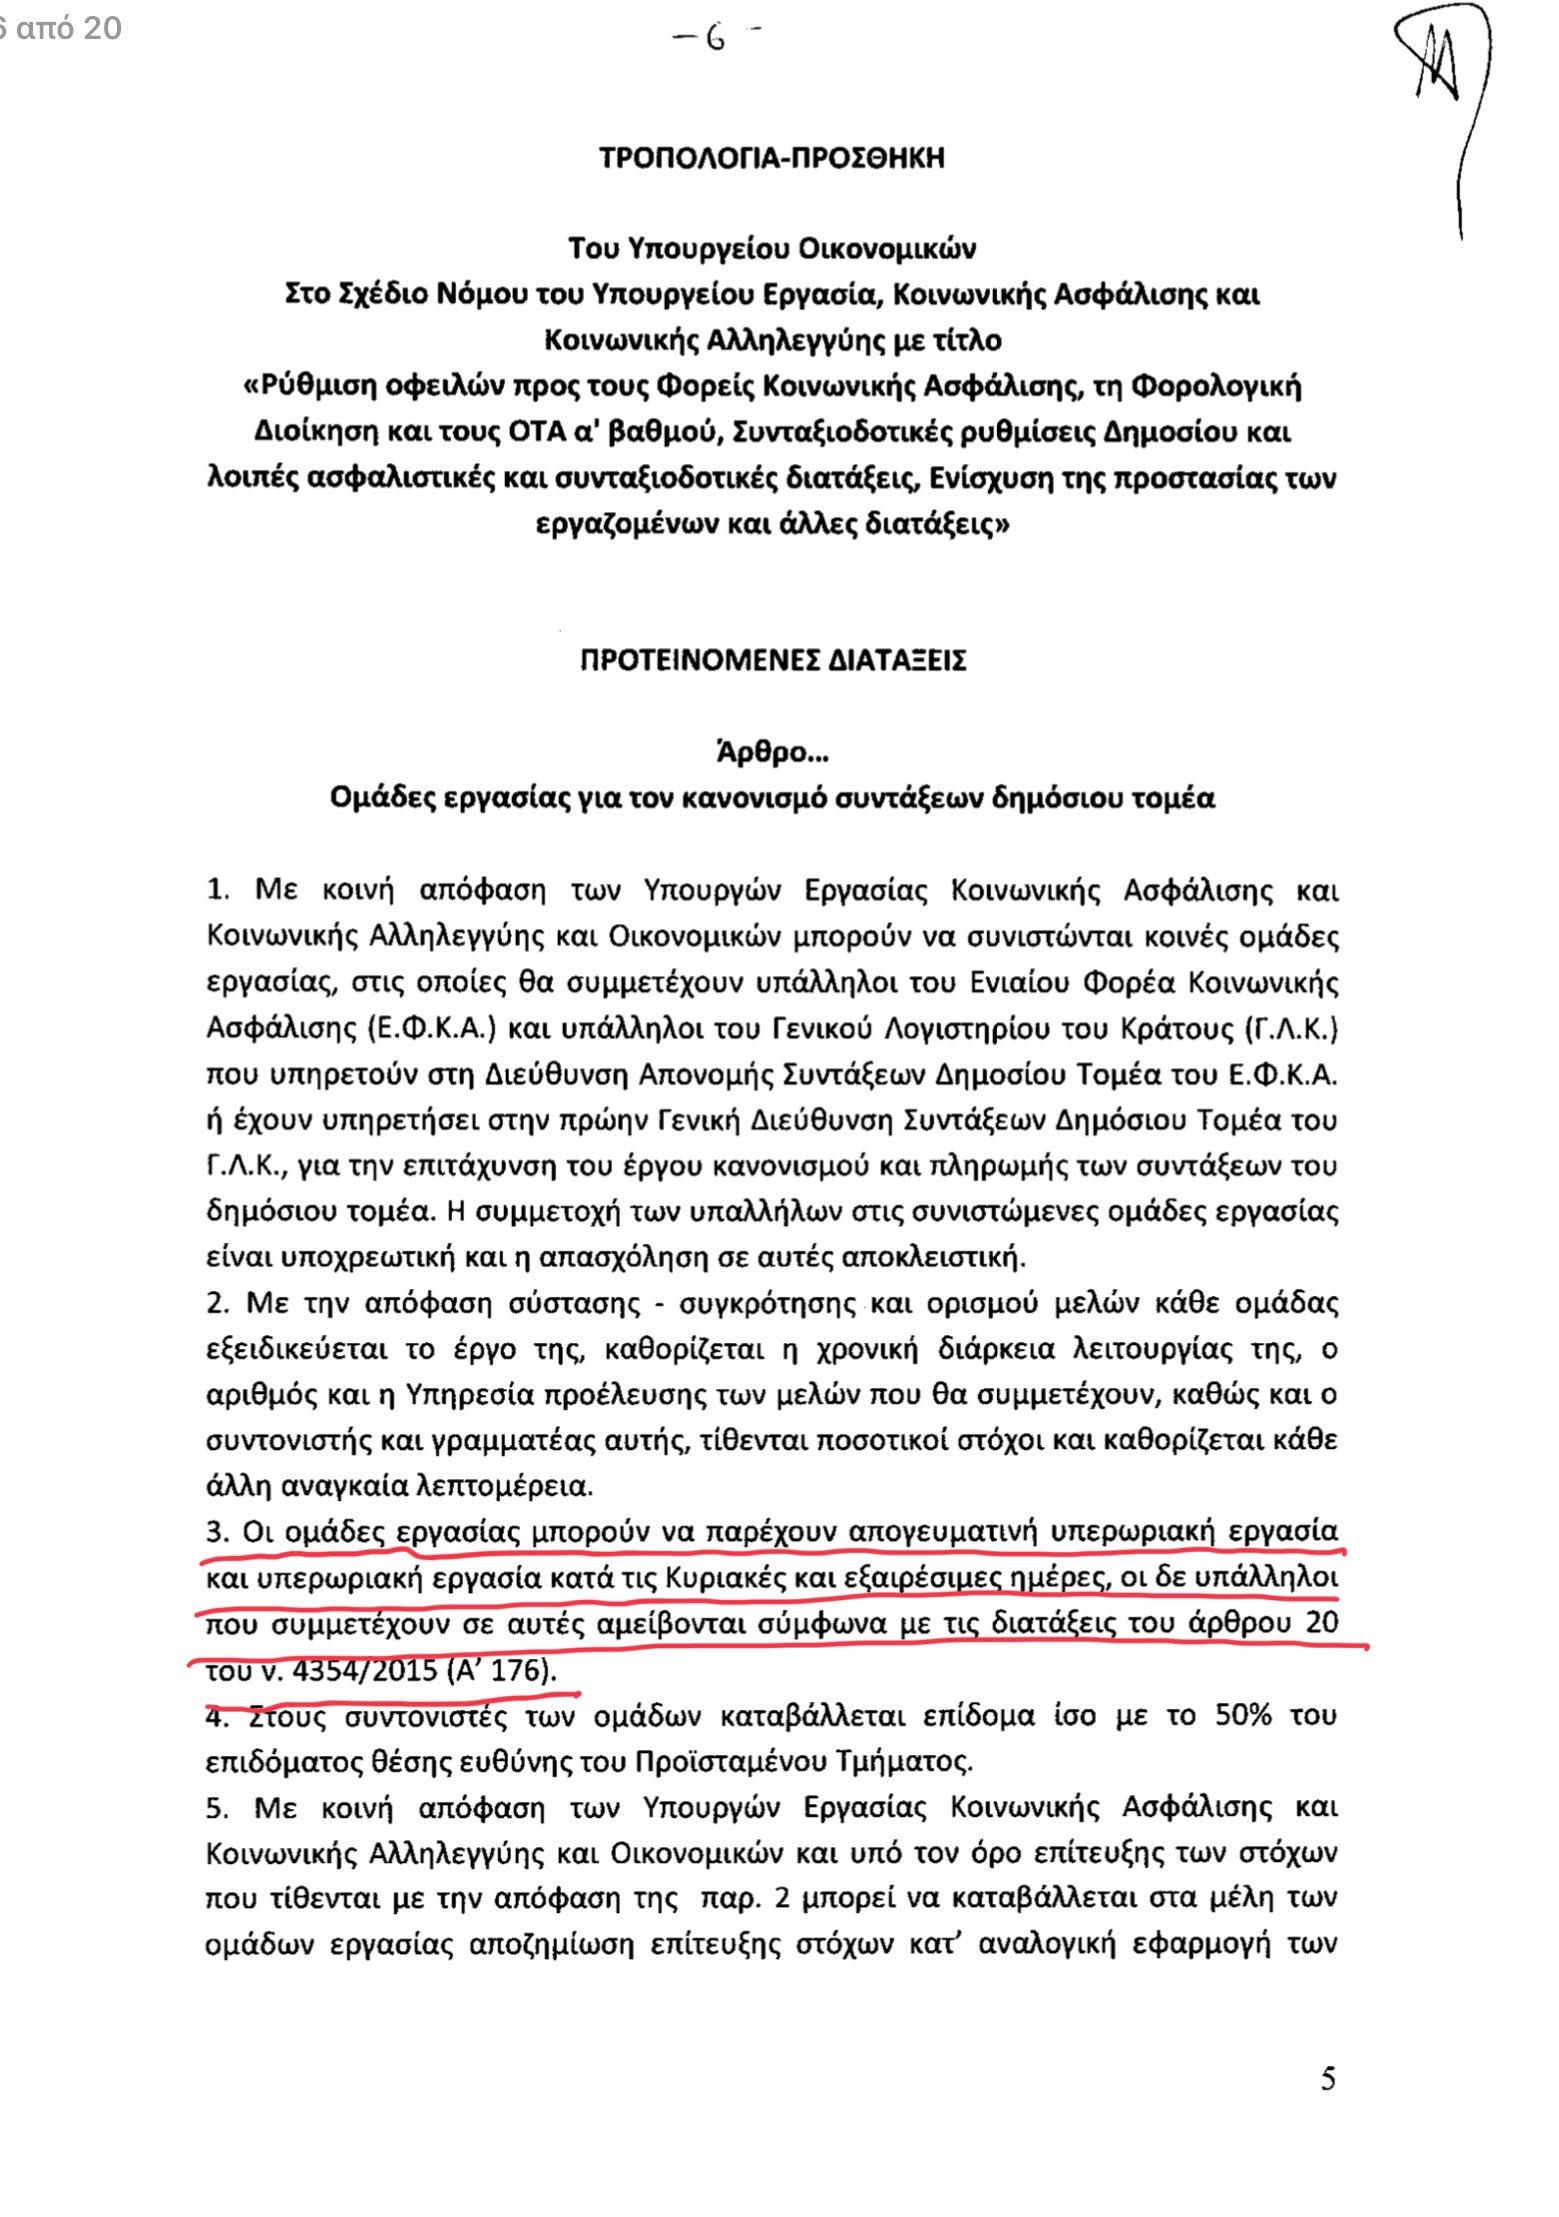 Η τροπολογία για την επταήμερη εργασία στους υπαλλήλους του υπ. Εργασίας